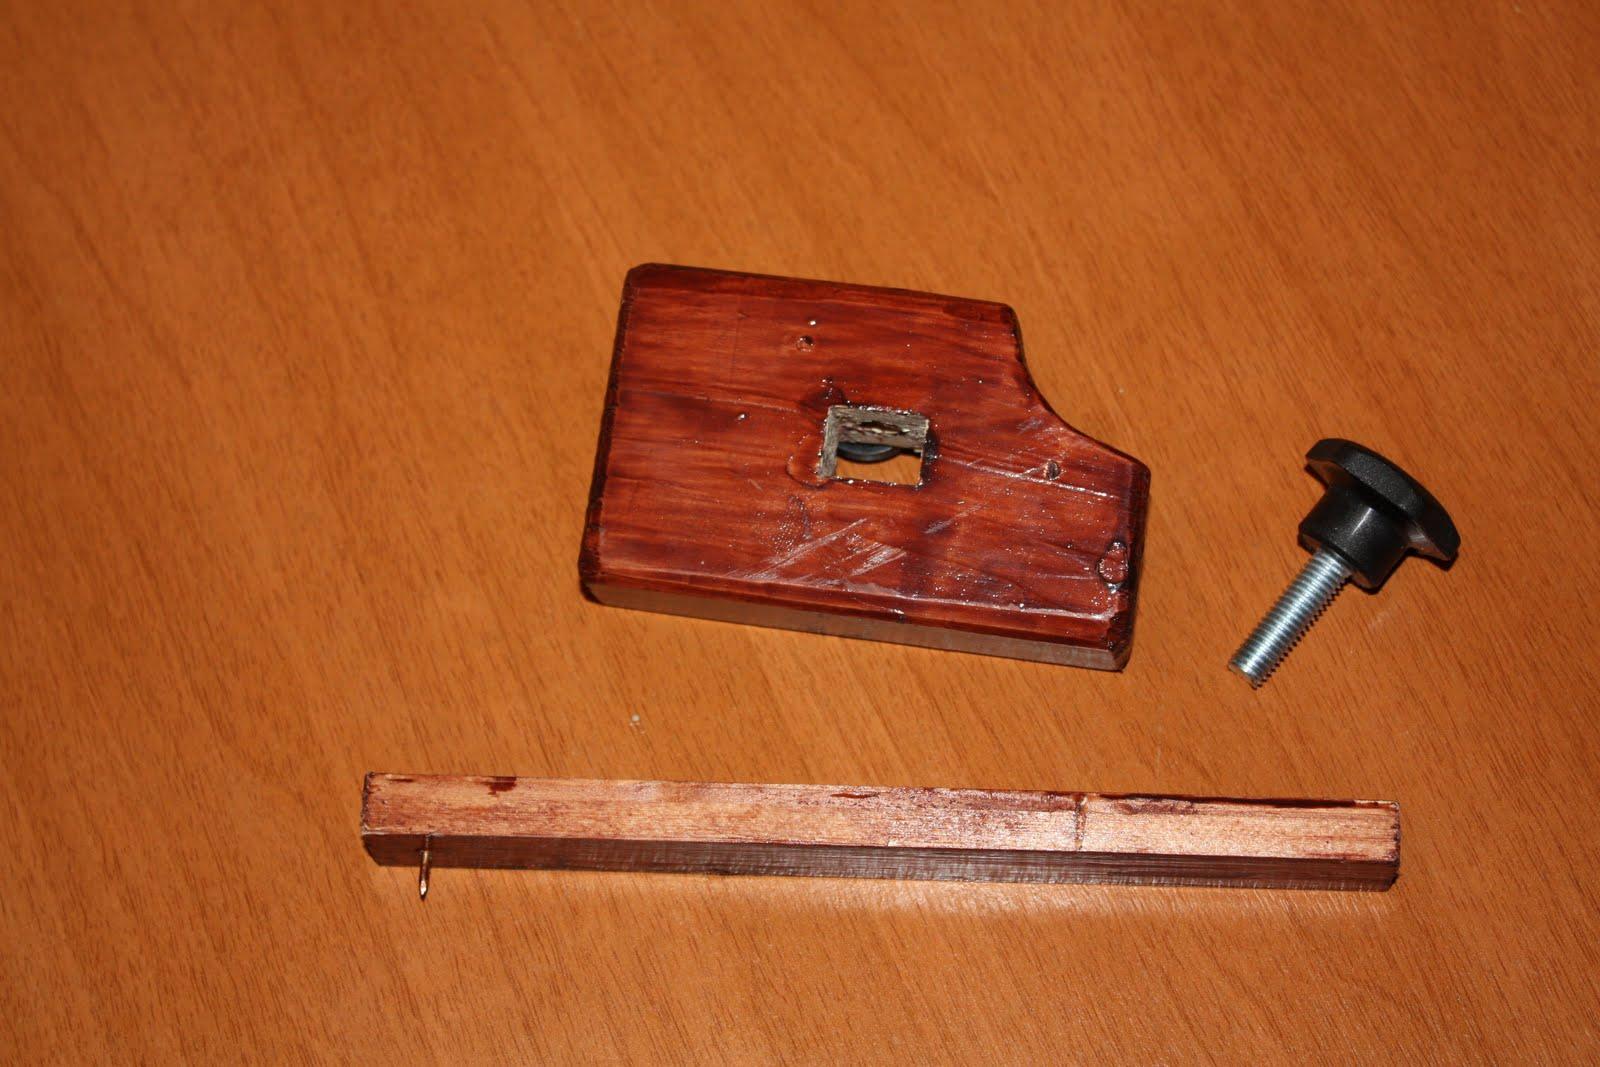 Brico carpinteria el gramil una nueva herramienta para - Herramientas de madera ...